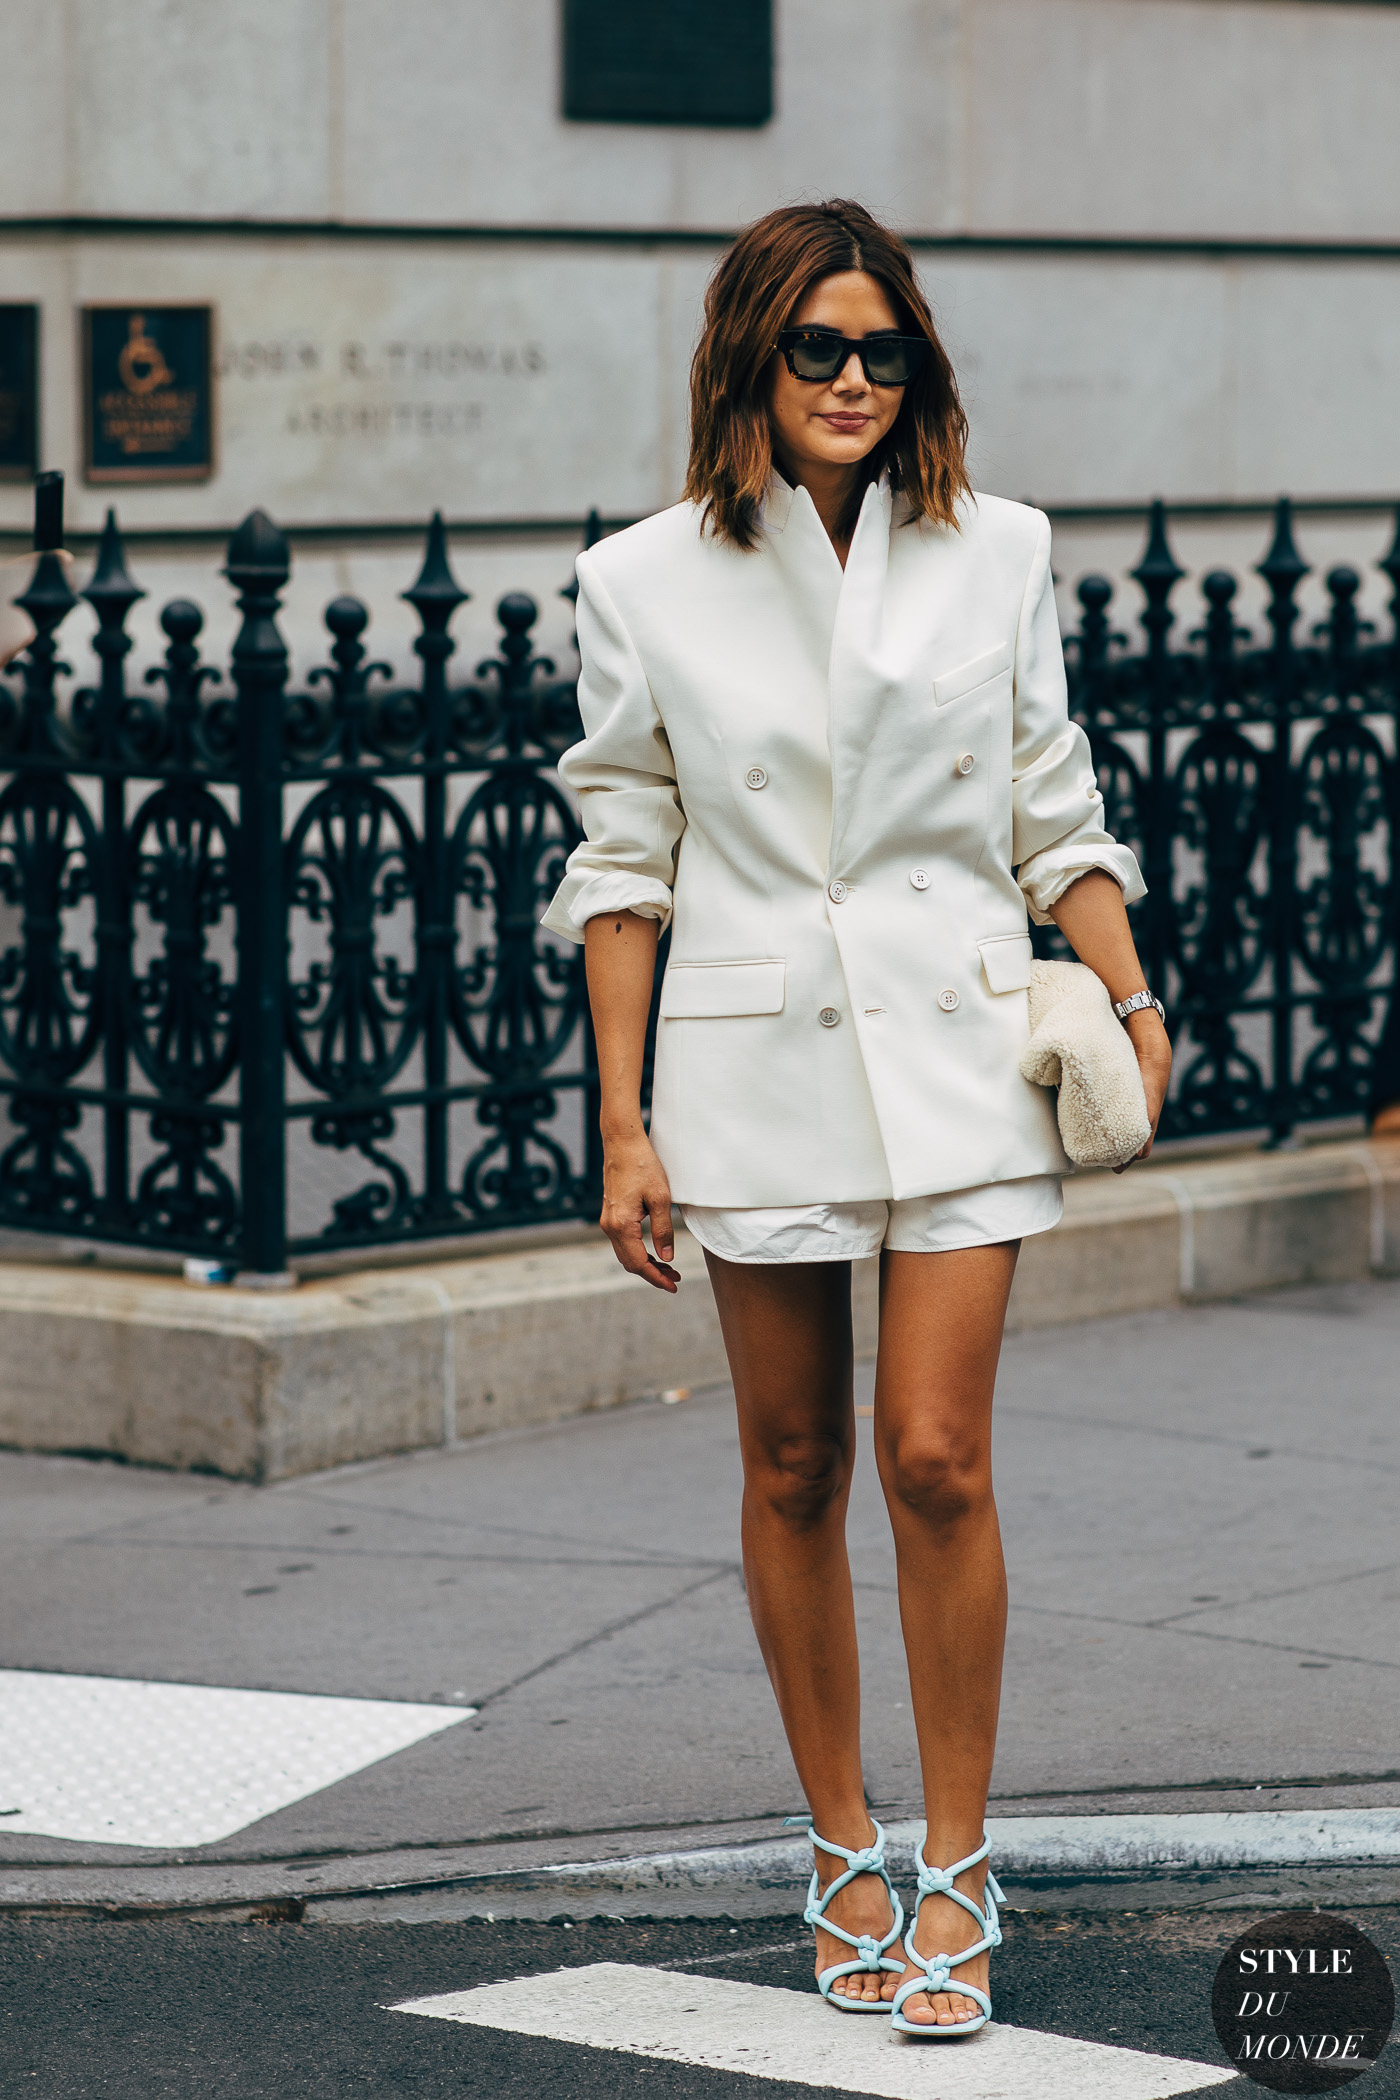 """thời trang cung hoàng đạo bảo bình - Trang phục """"all-white"""" với áo blazer và quần shorts"""